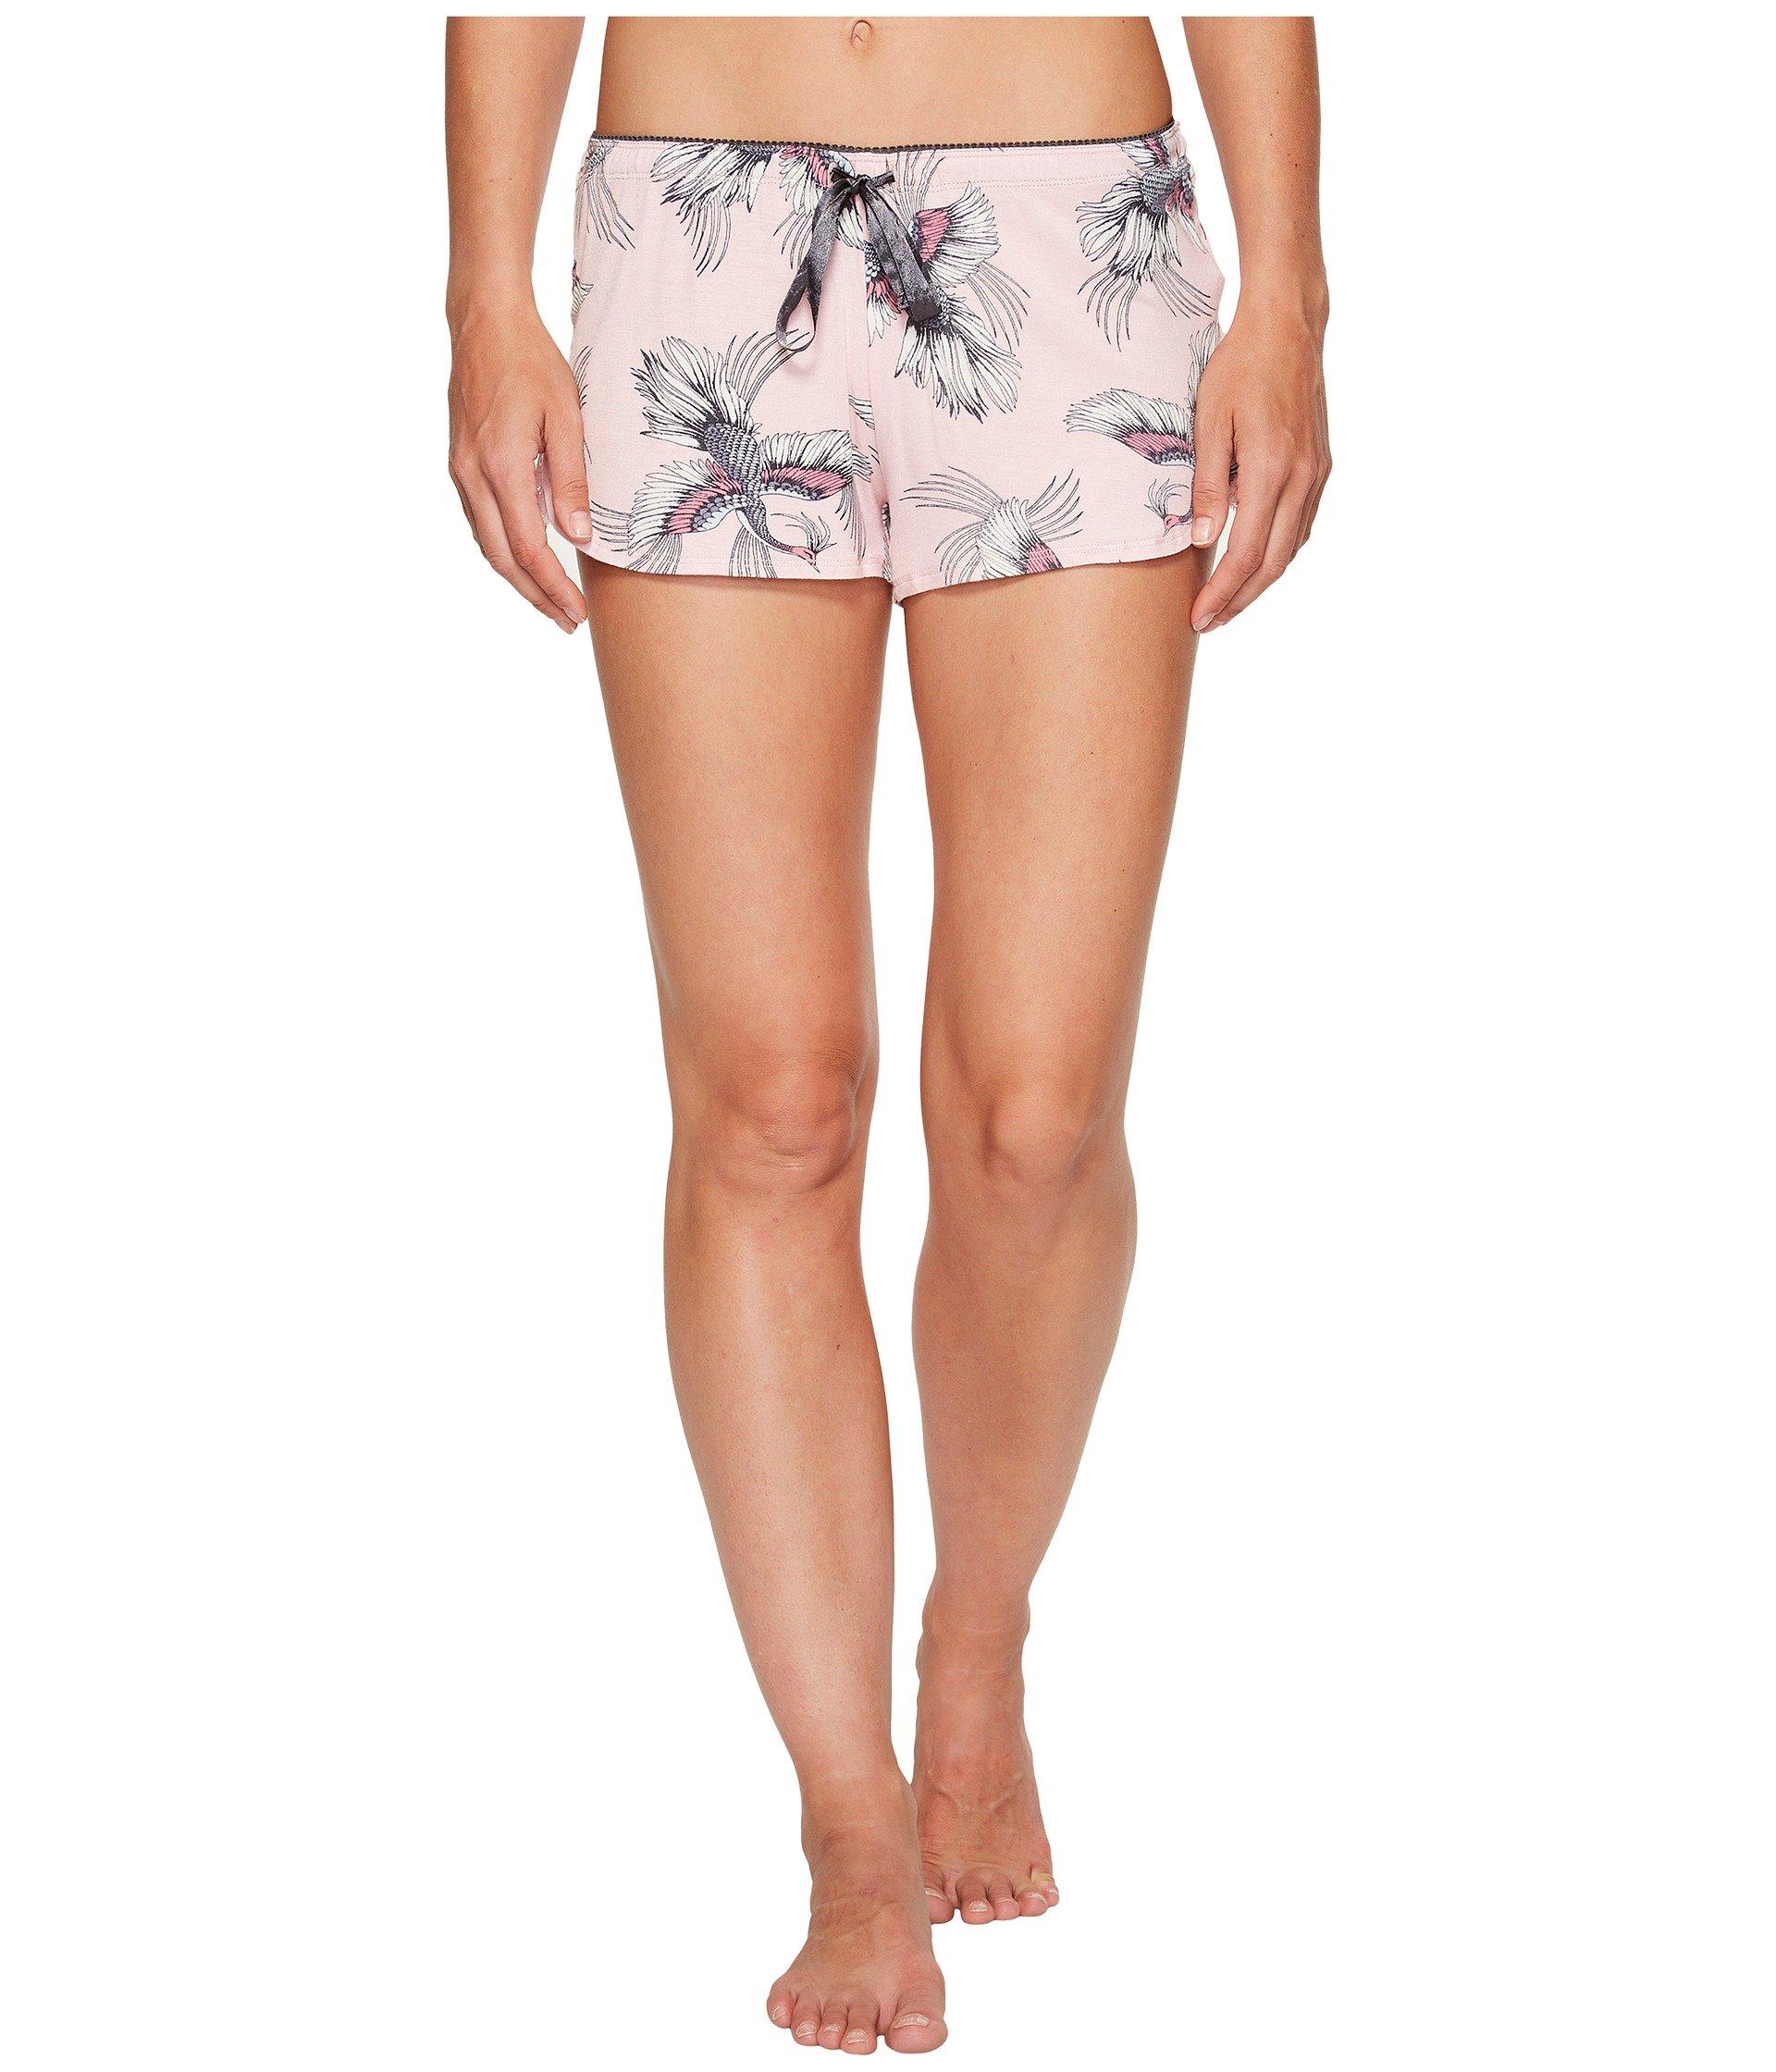 Pantalón de Pijama para Mujer P.J. Salvage Take Flight PJ Shorts  + P.J. Salvage en VeoyCompro.net